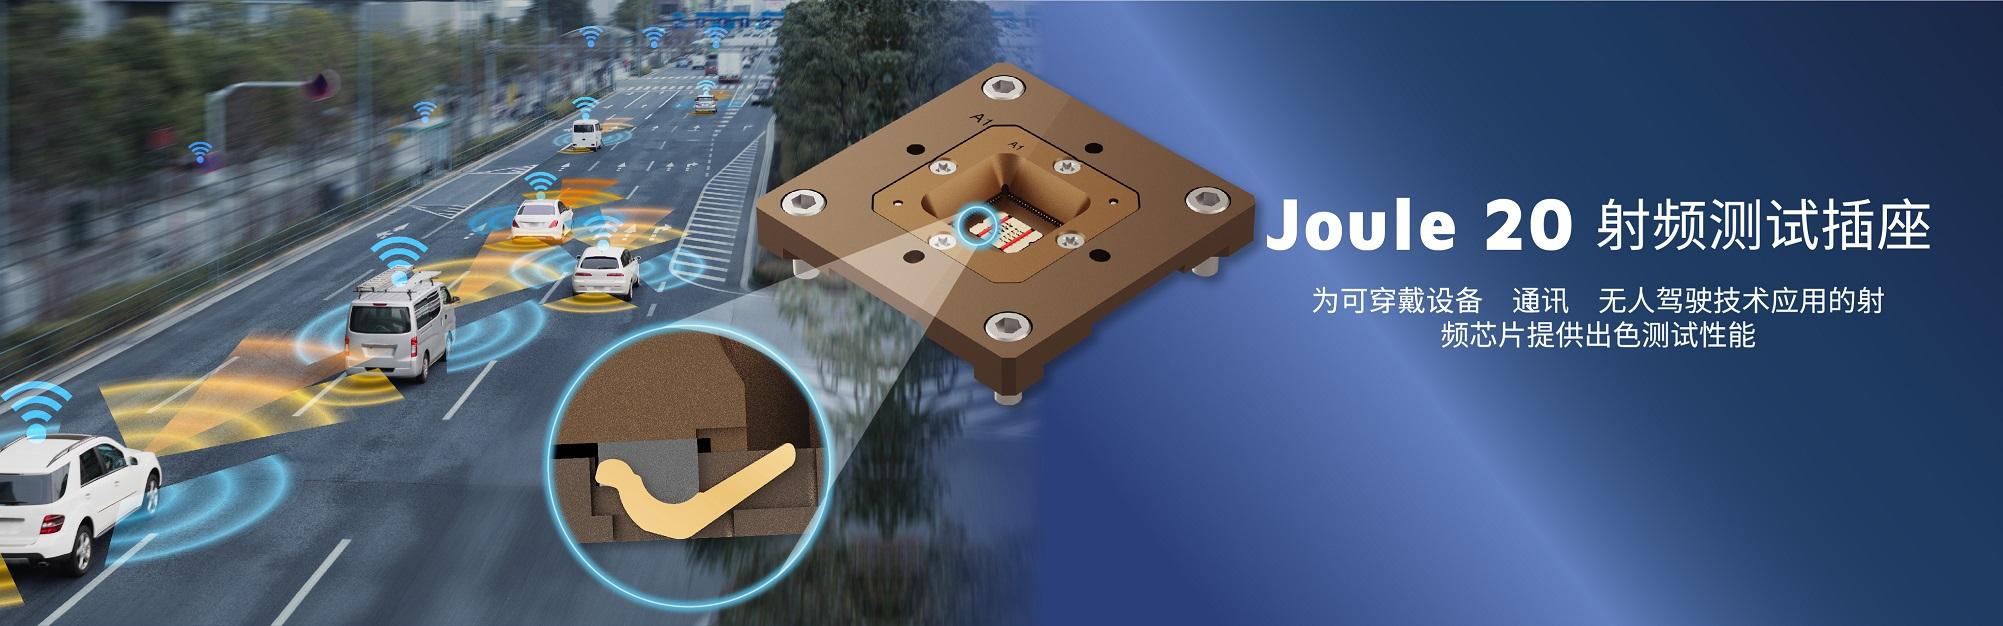 Joule 20射频测试插座为外围芯片测试提供一流电气性能